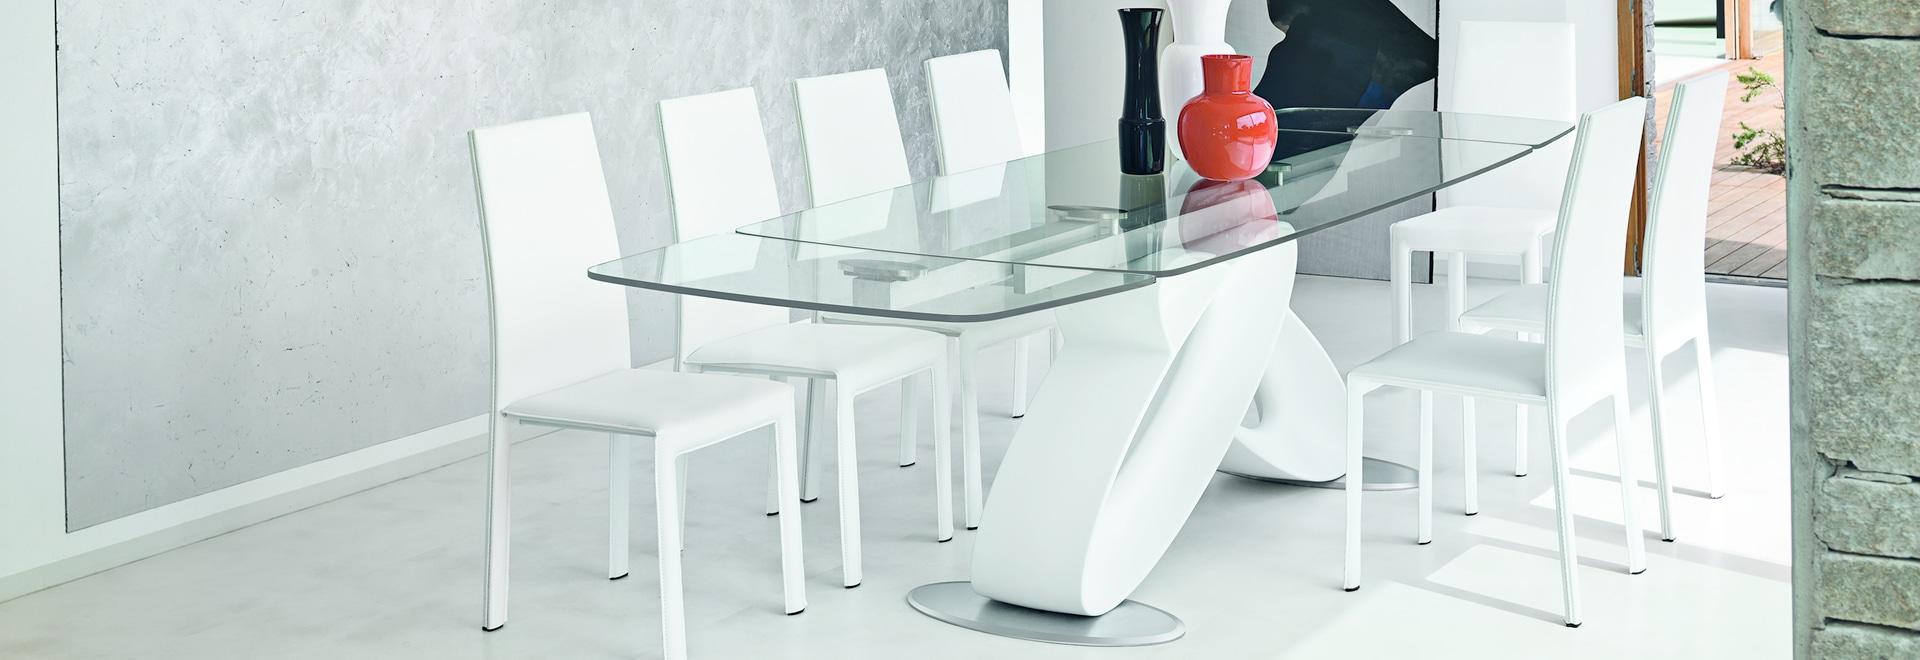 Table sujette à saisie d'ÉCLIPSE